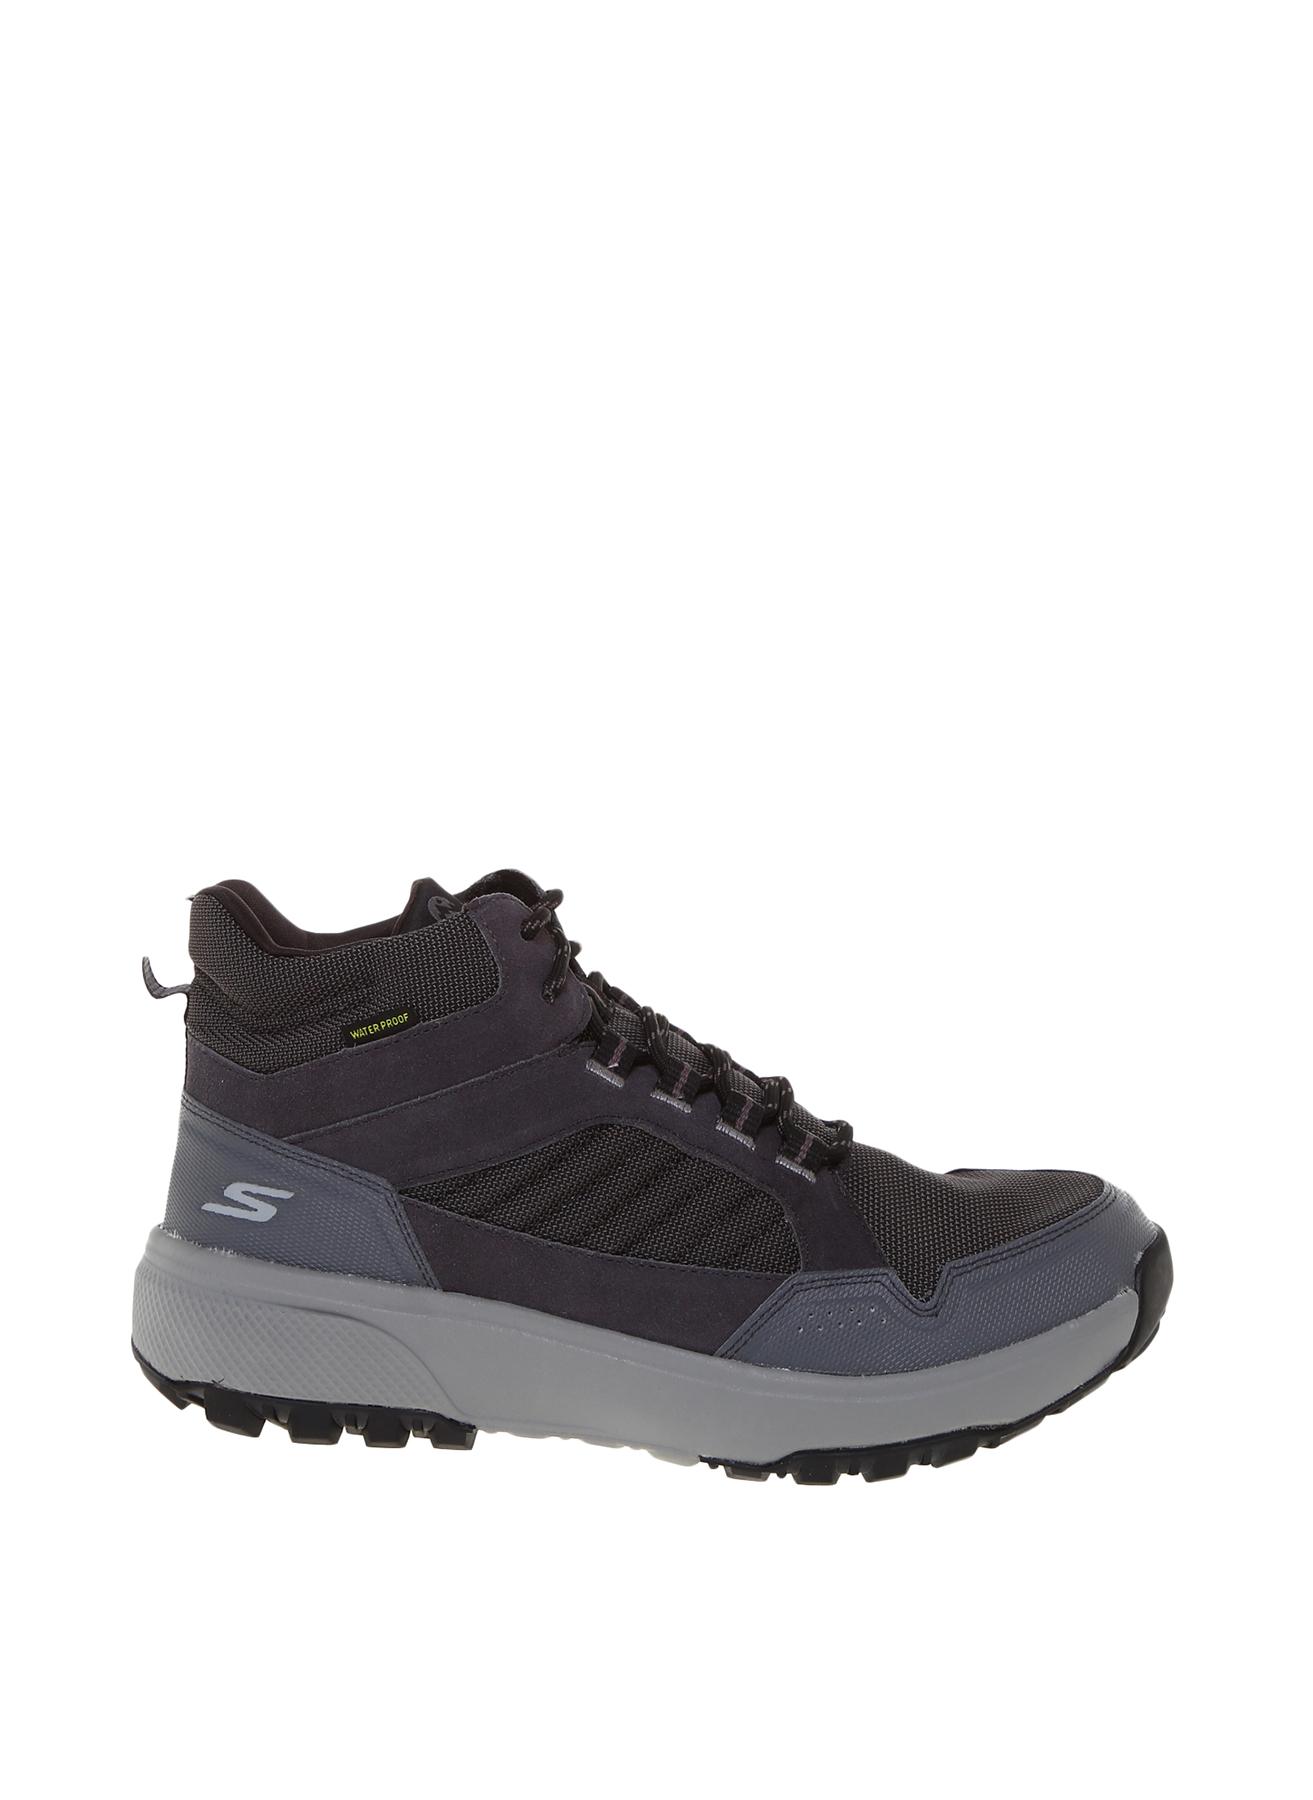 Skechers Waterproof Mavi Yürüyüş Ayakkabısı 40 5001696982001 Ürün Resmi